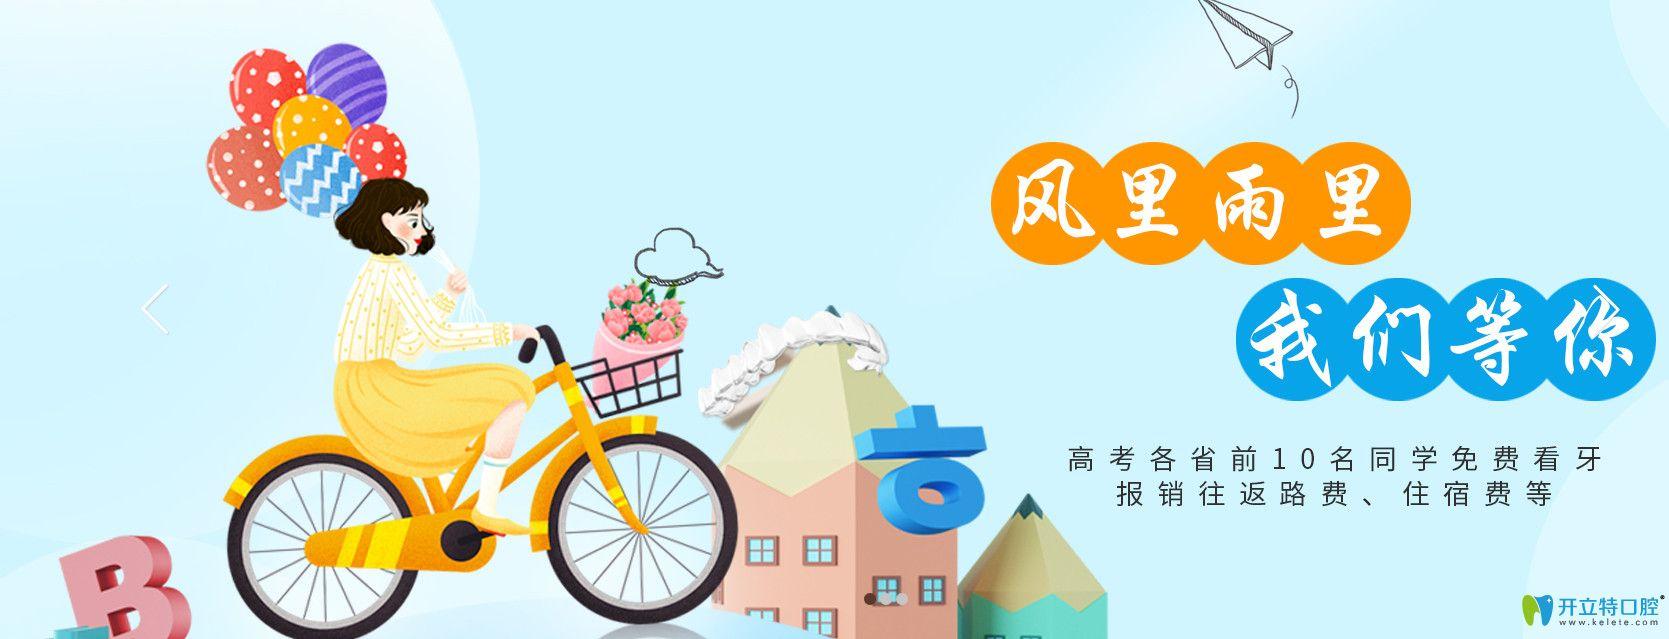 上海尤旦口腔为各省高考前十名免费看牙?来看这波矫正操作